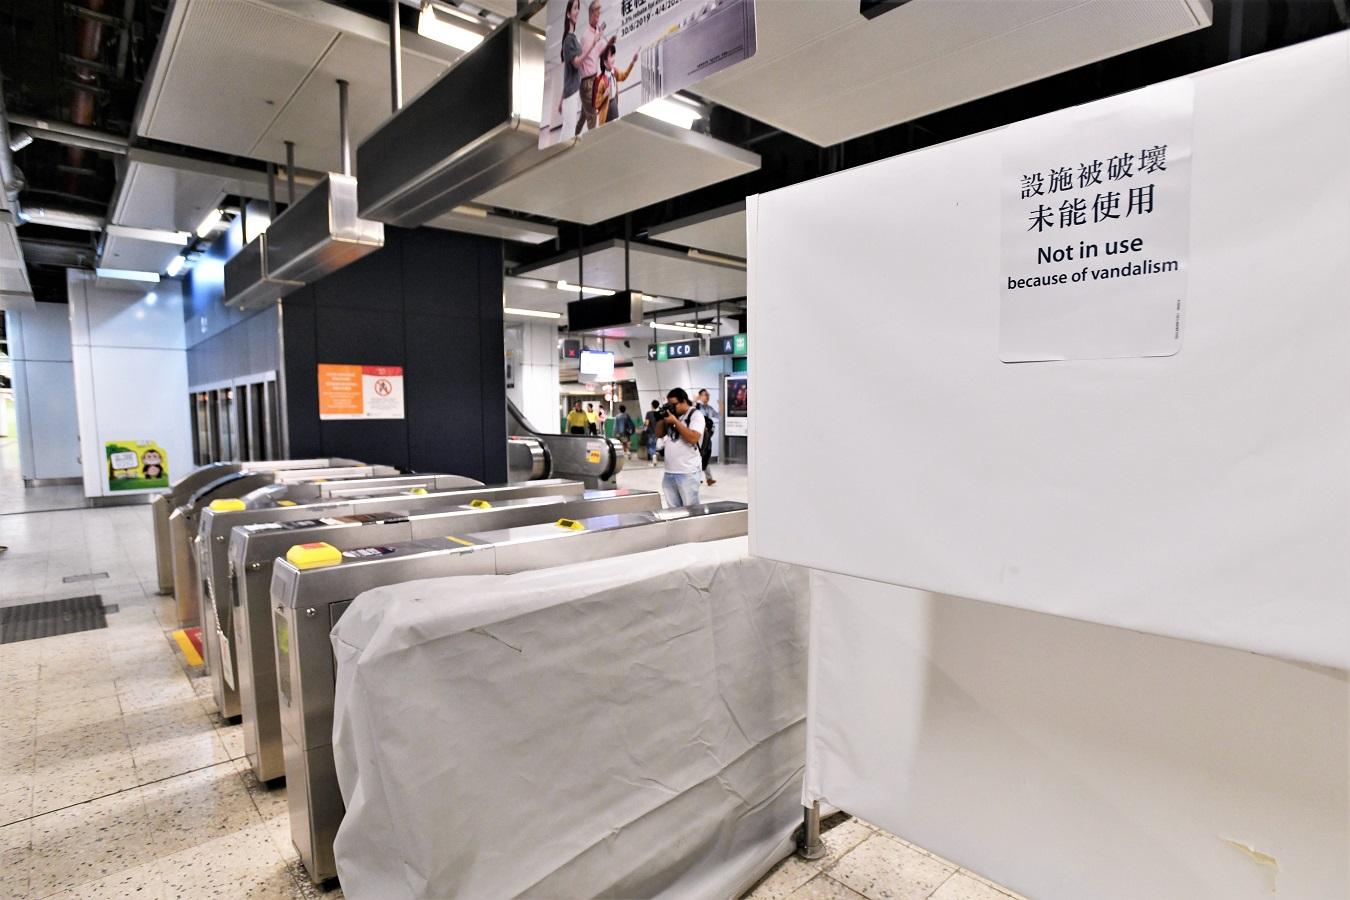 港铁观塘站紧急復修后周四重开 车站实施客流管理措施